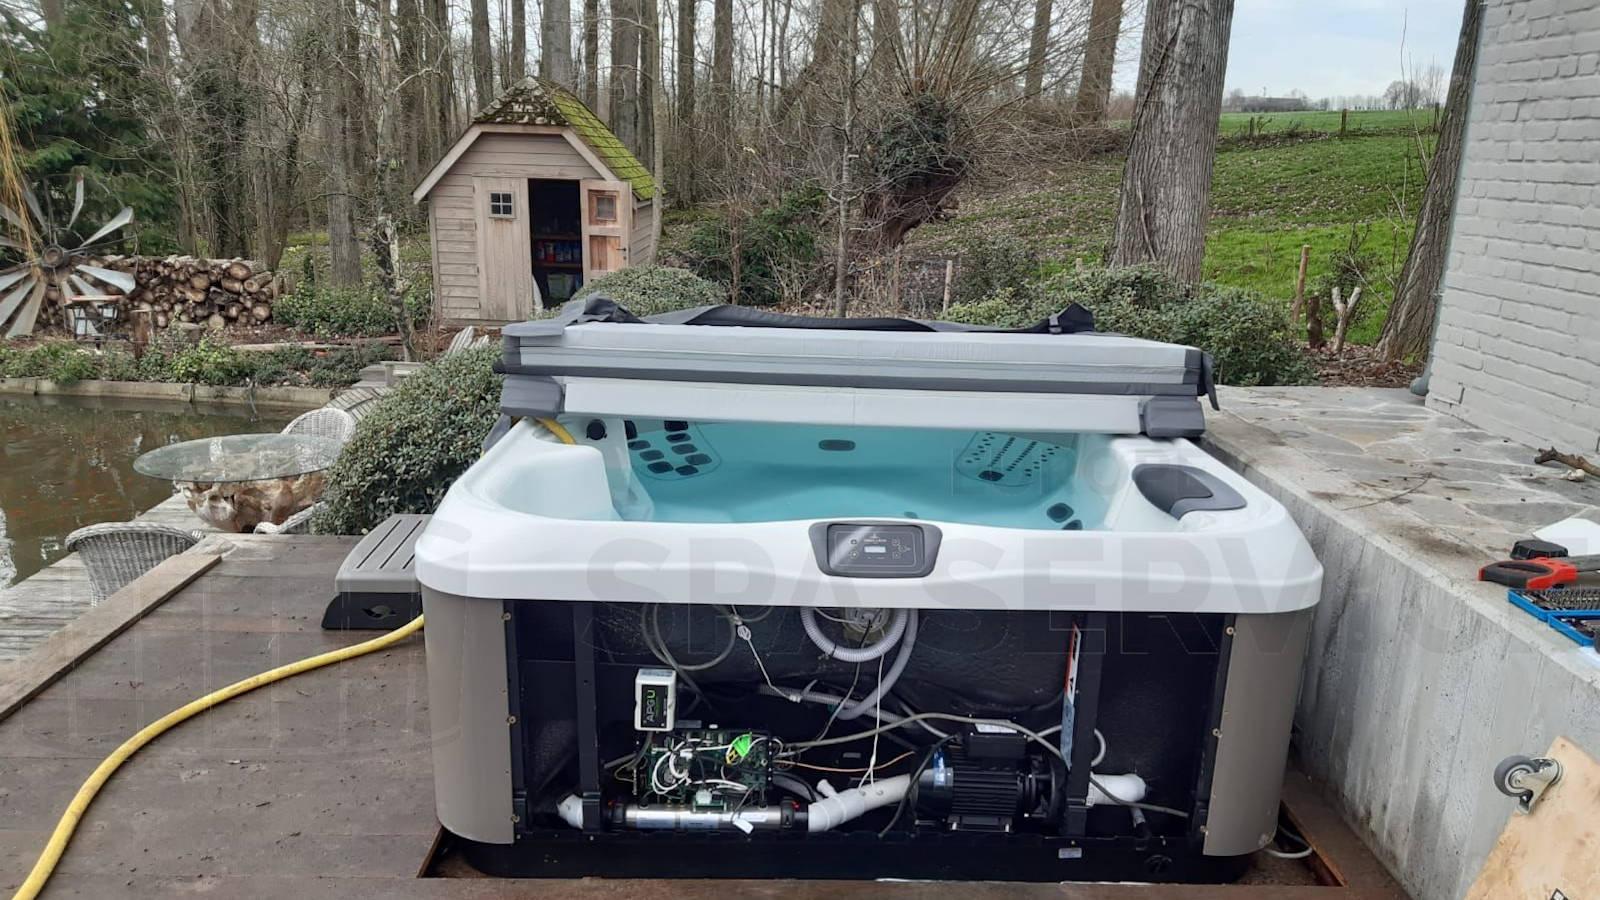 Plaatsing van een Villeroy & Boch R6L spa in Horbeke België